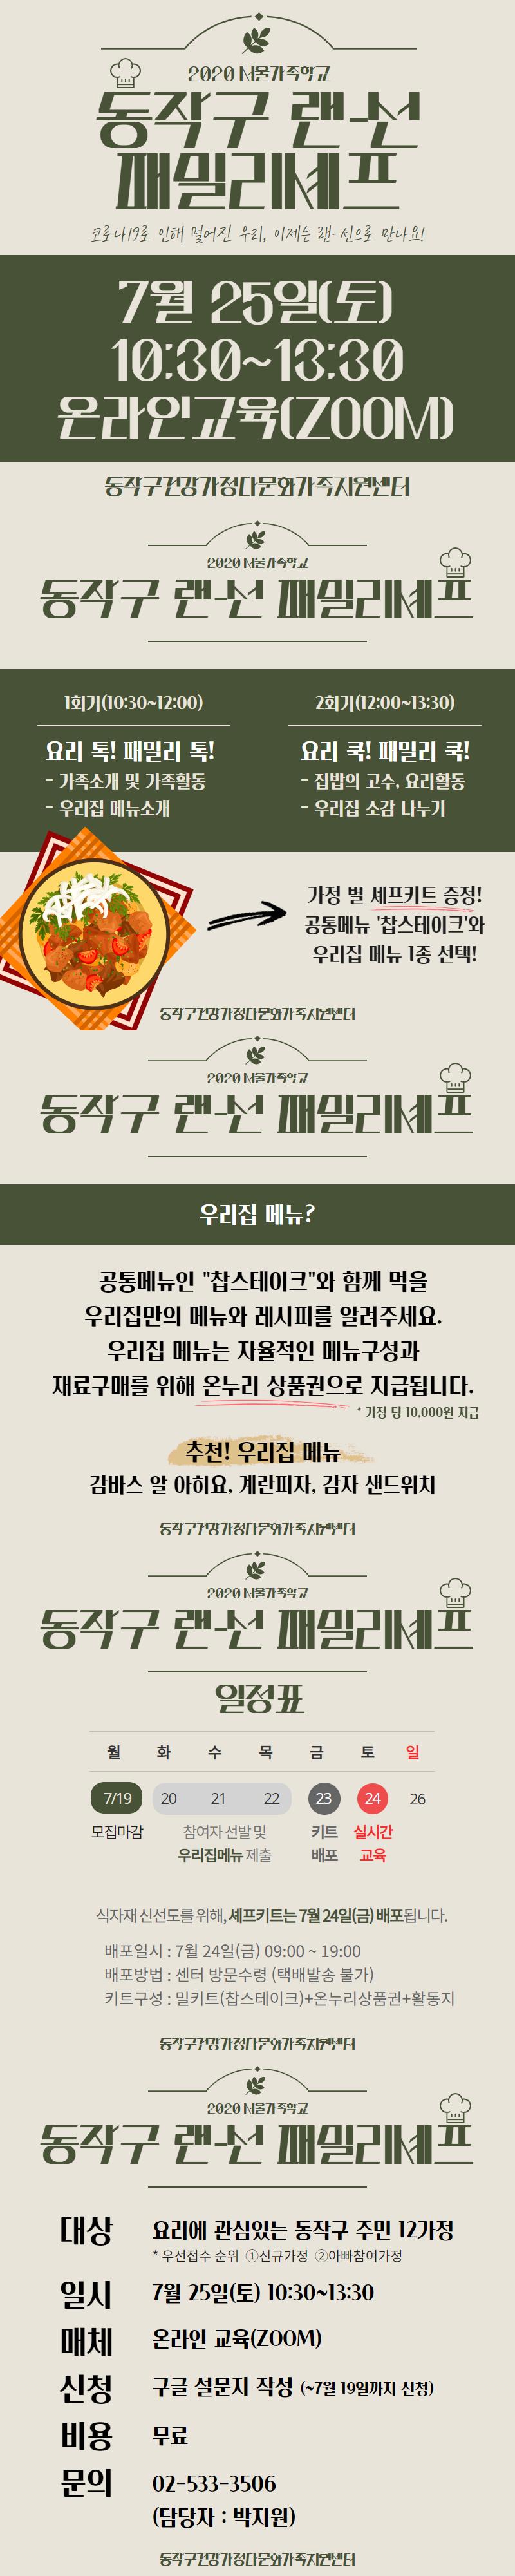 [동작구]패밀리셰프_홍보지